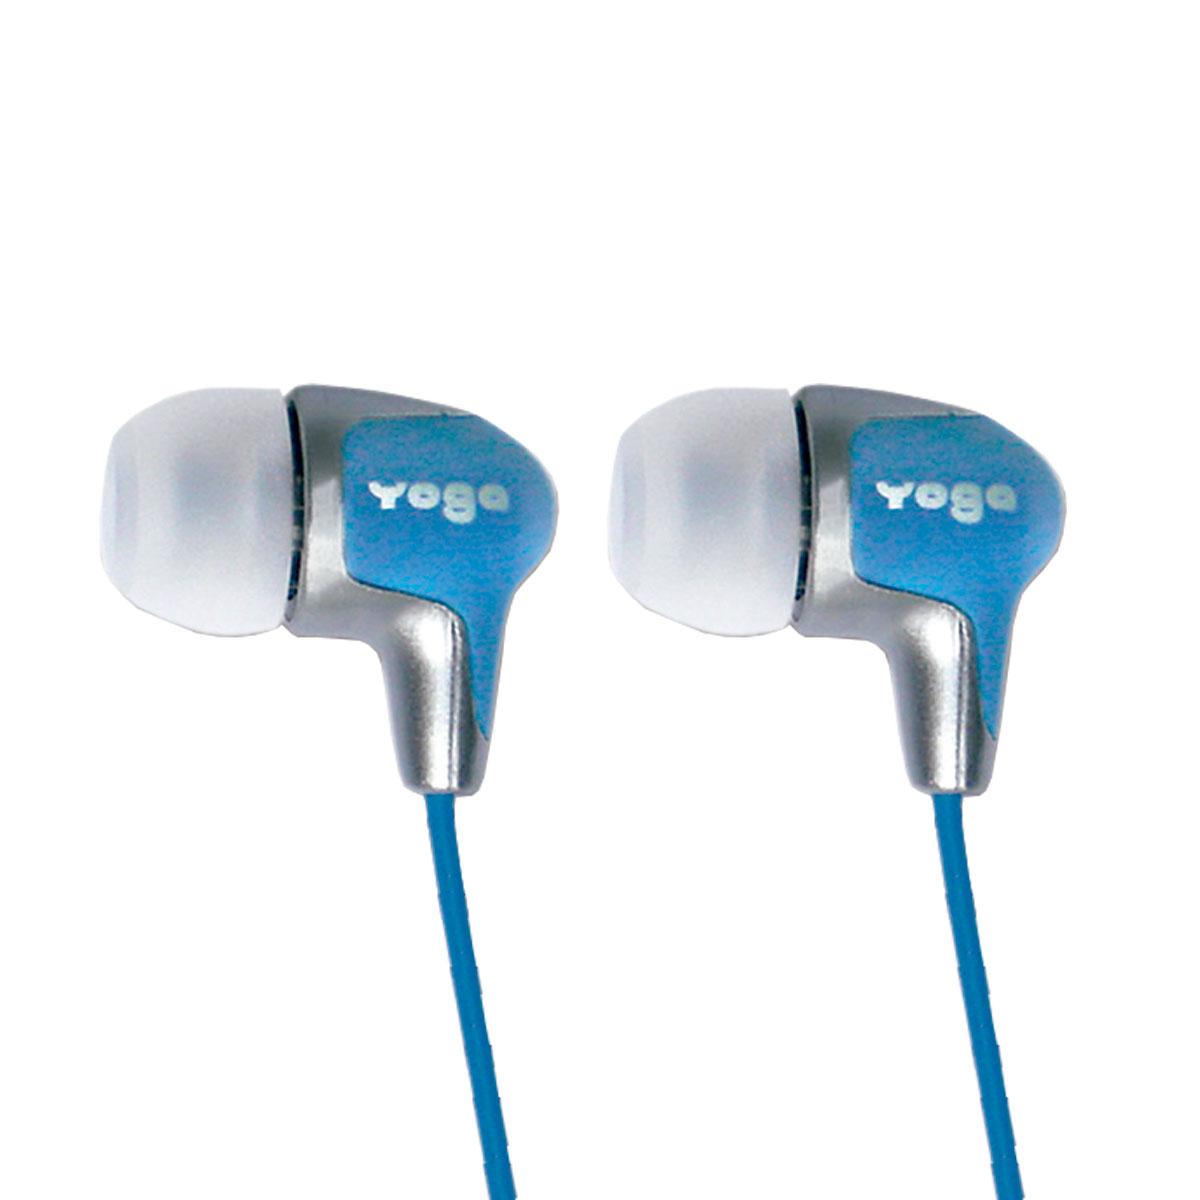 Fone de Ouvido In-ear 10 Hz - 20 KHz 14 Ohms - CD 168 Yoga